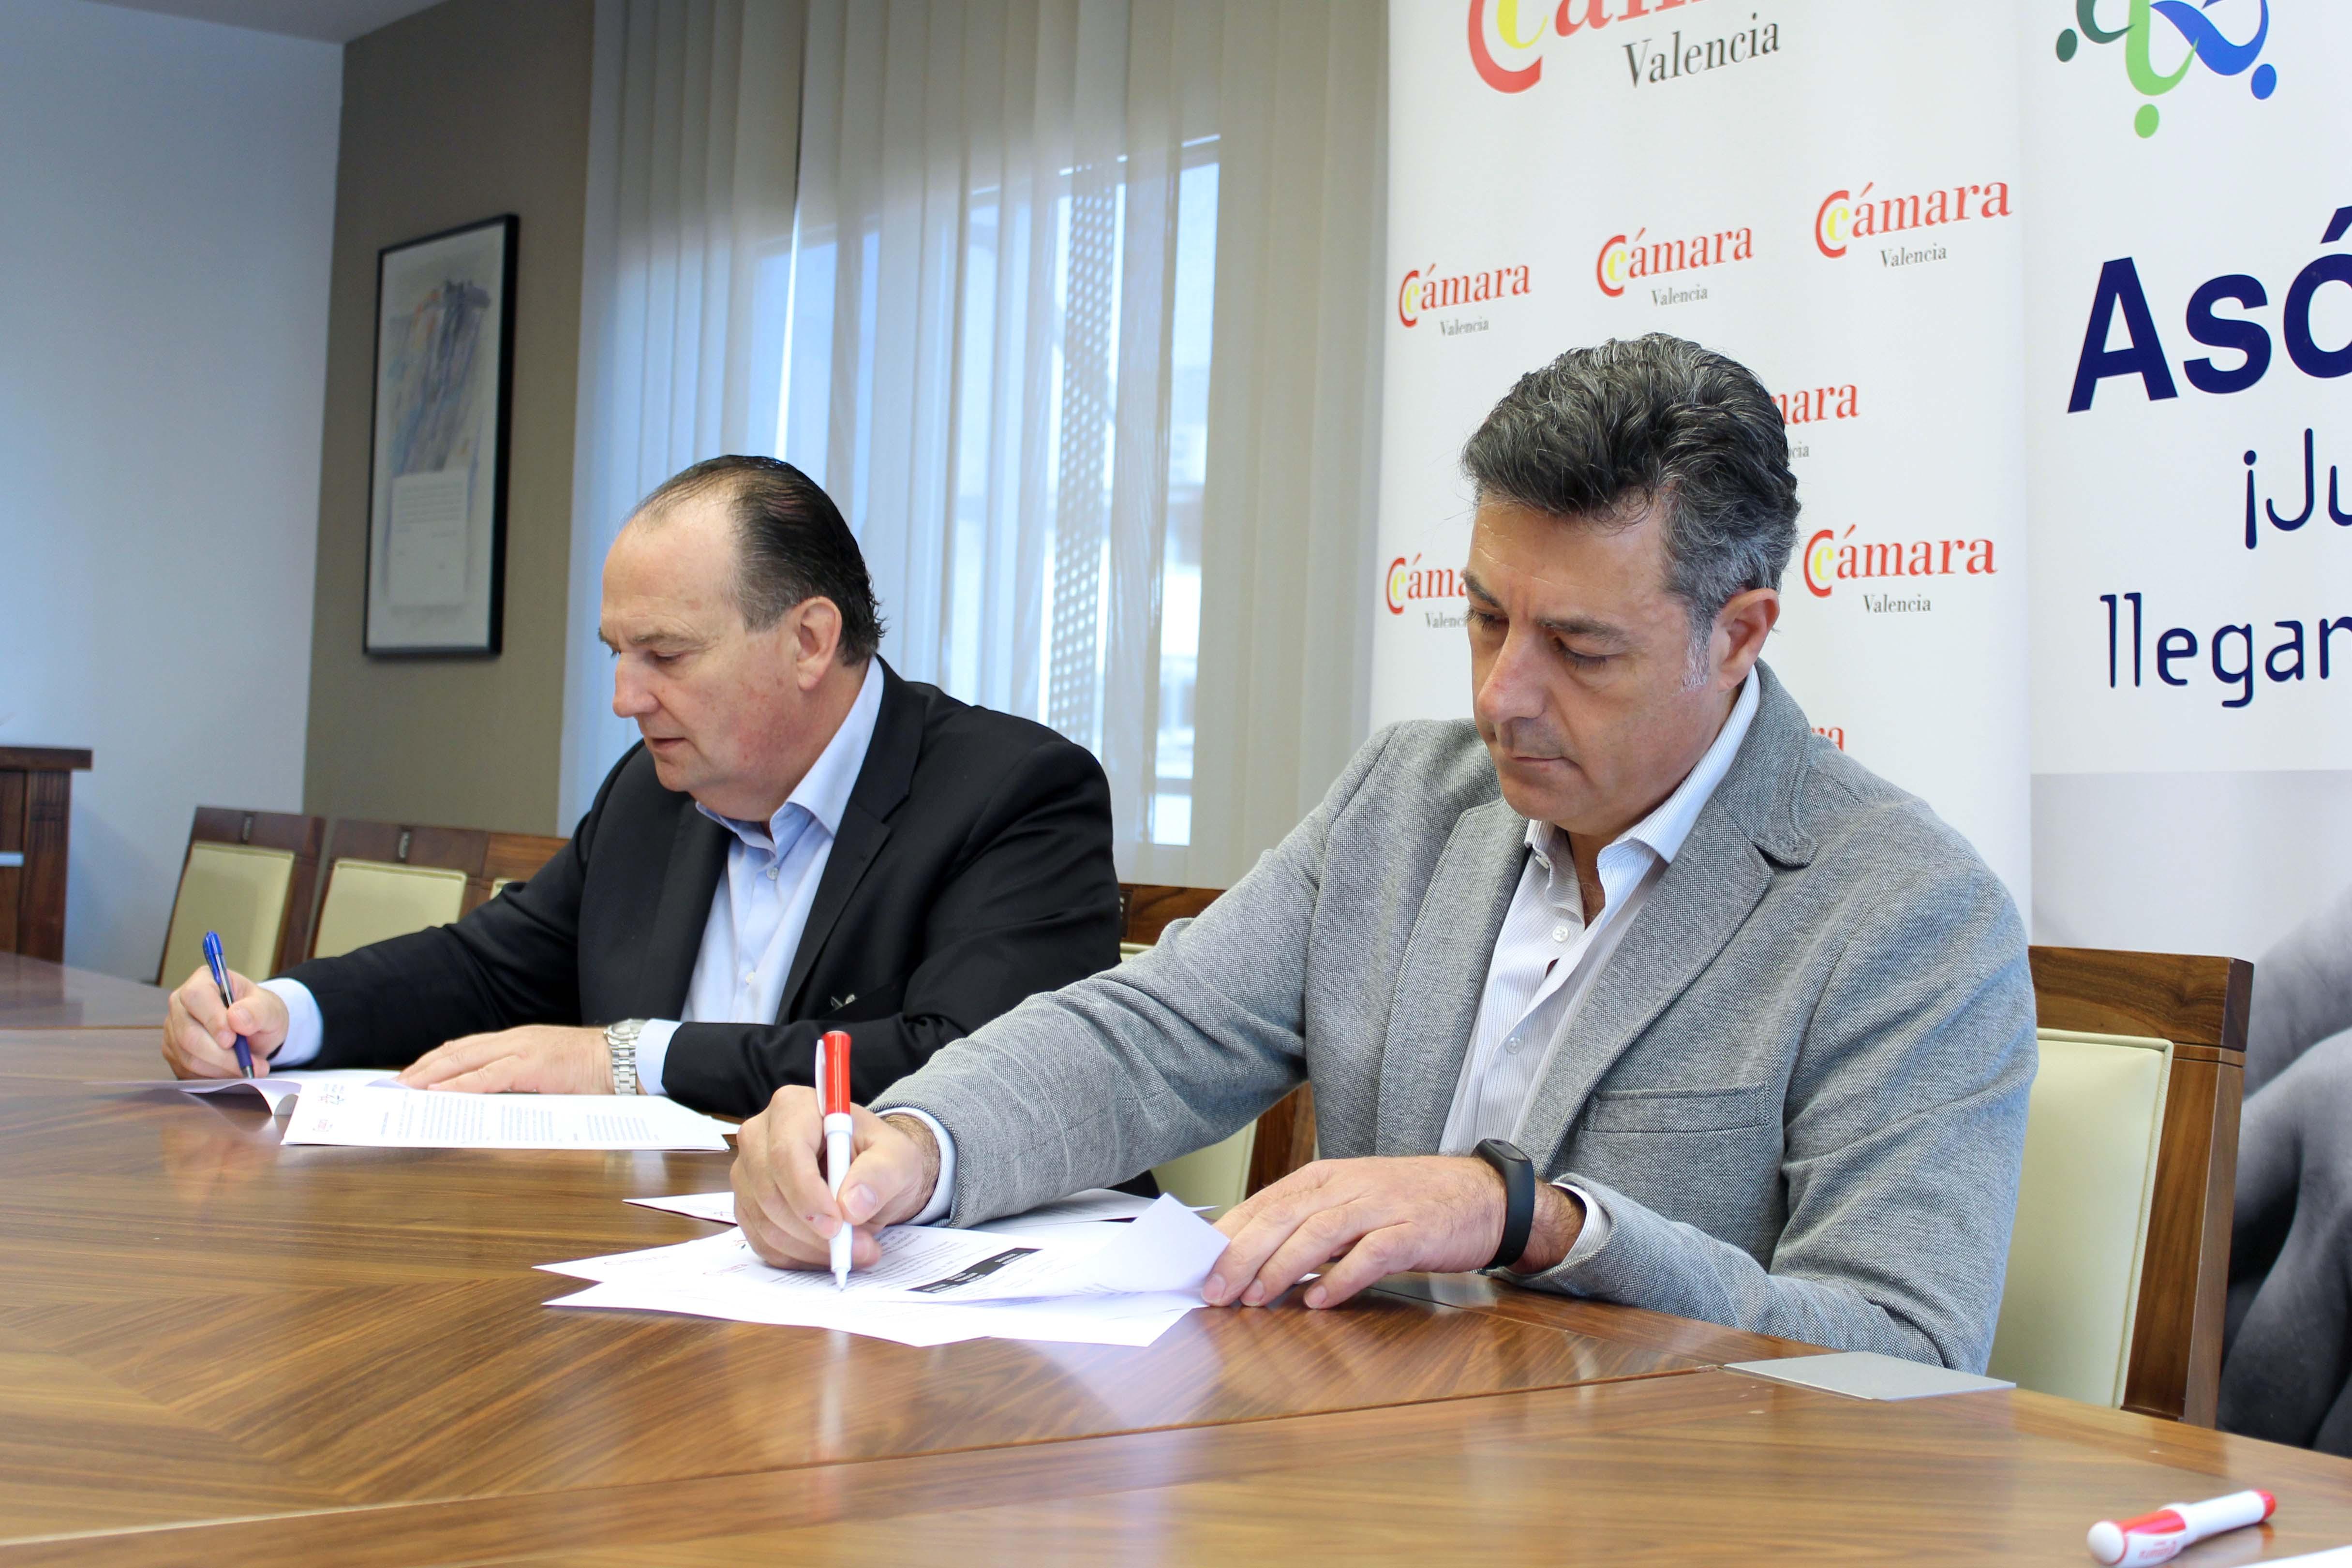 foto 1 firma convenio empresarios torrent s - Firma convenio con Cámara Valencia